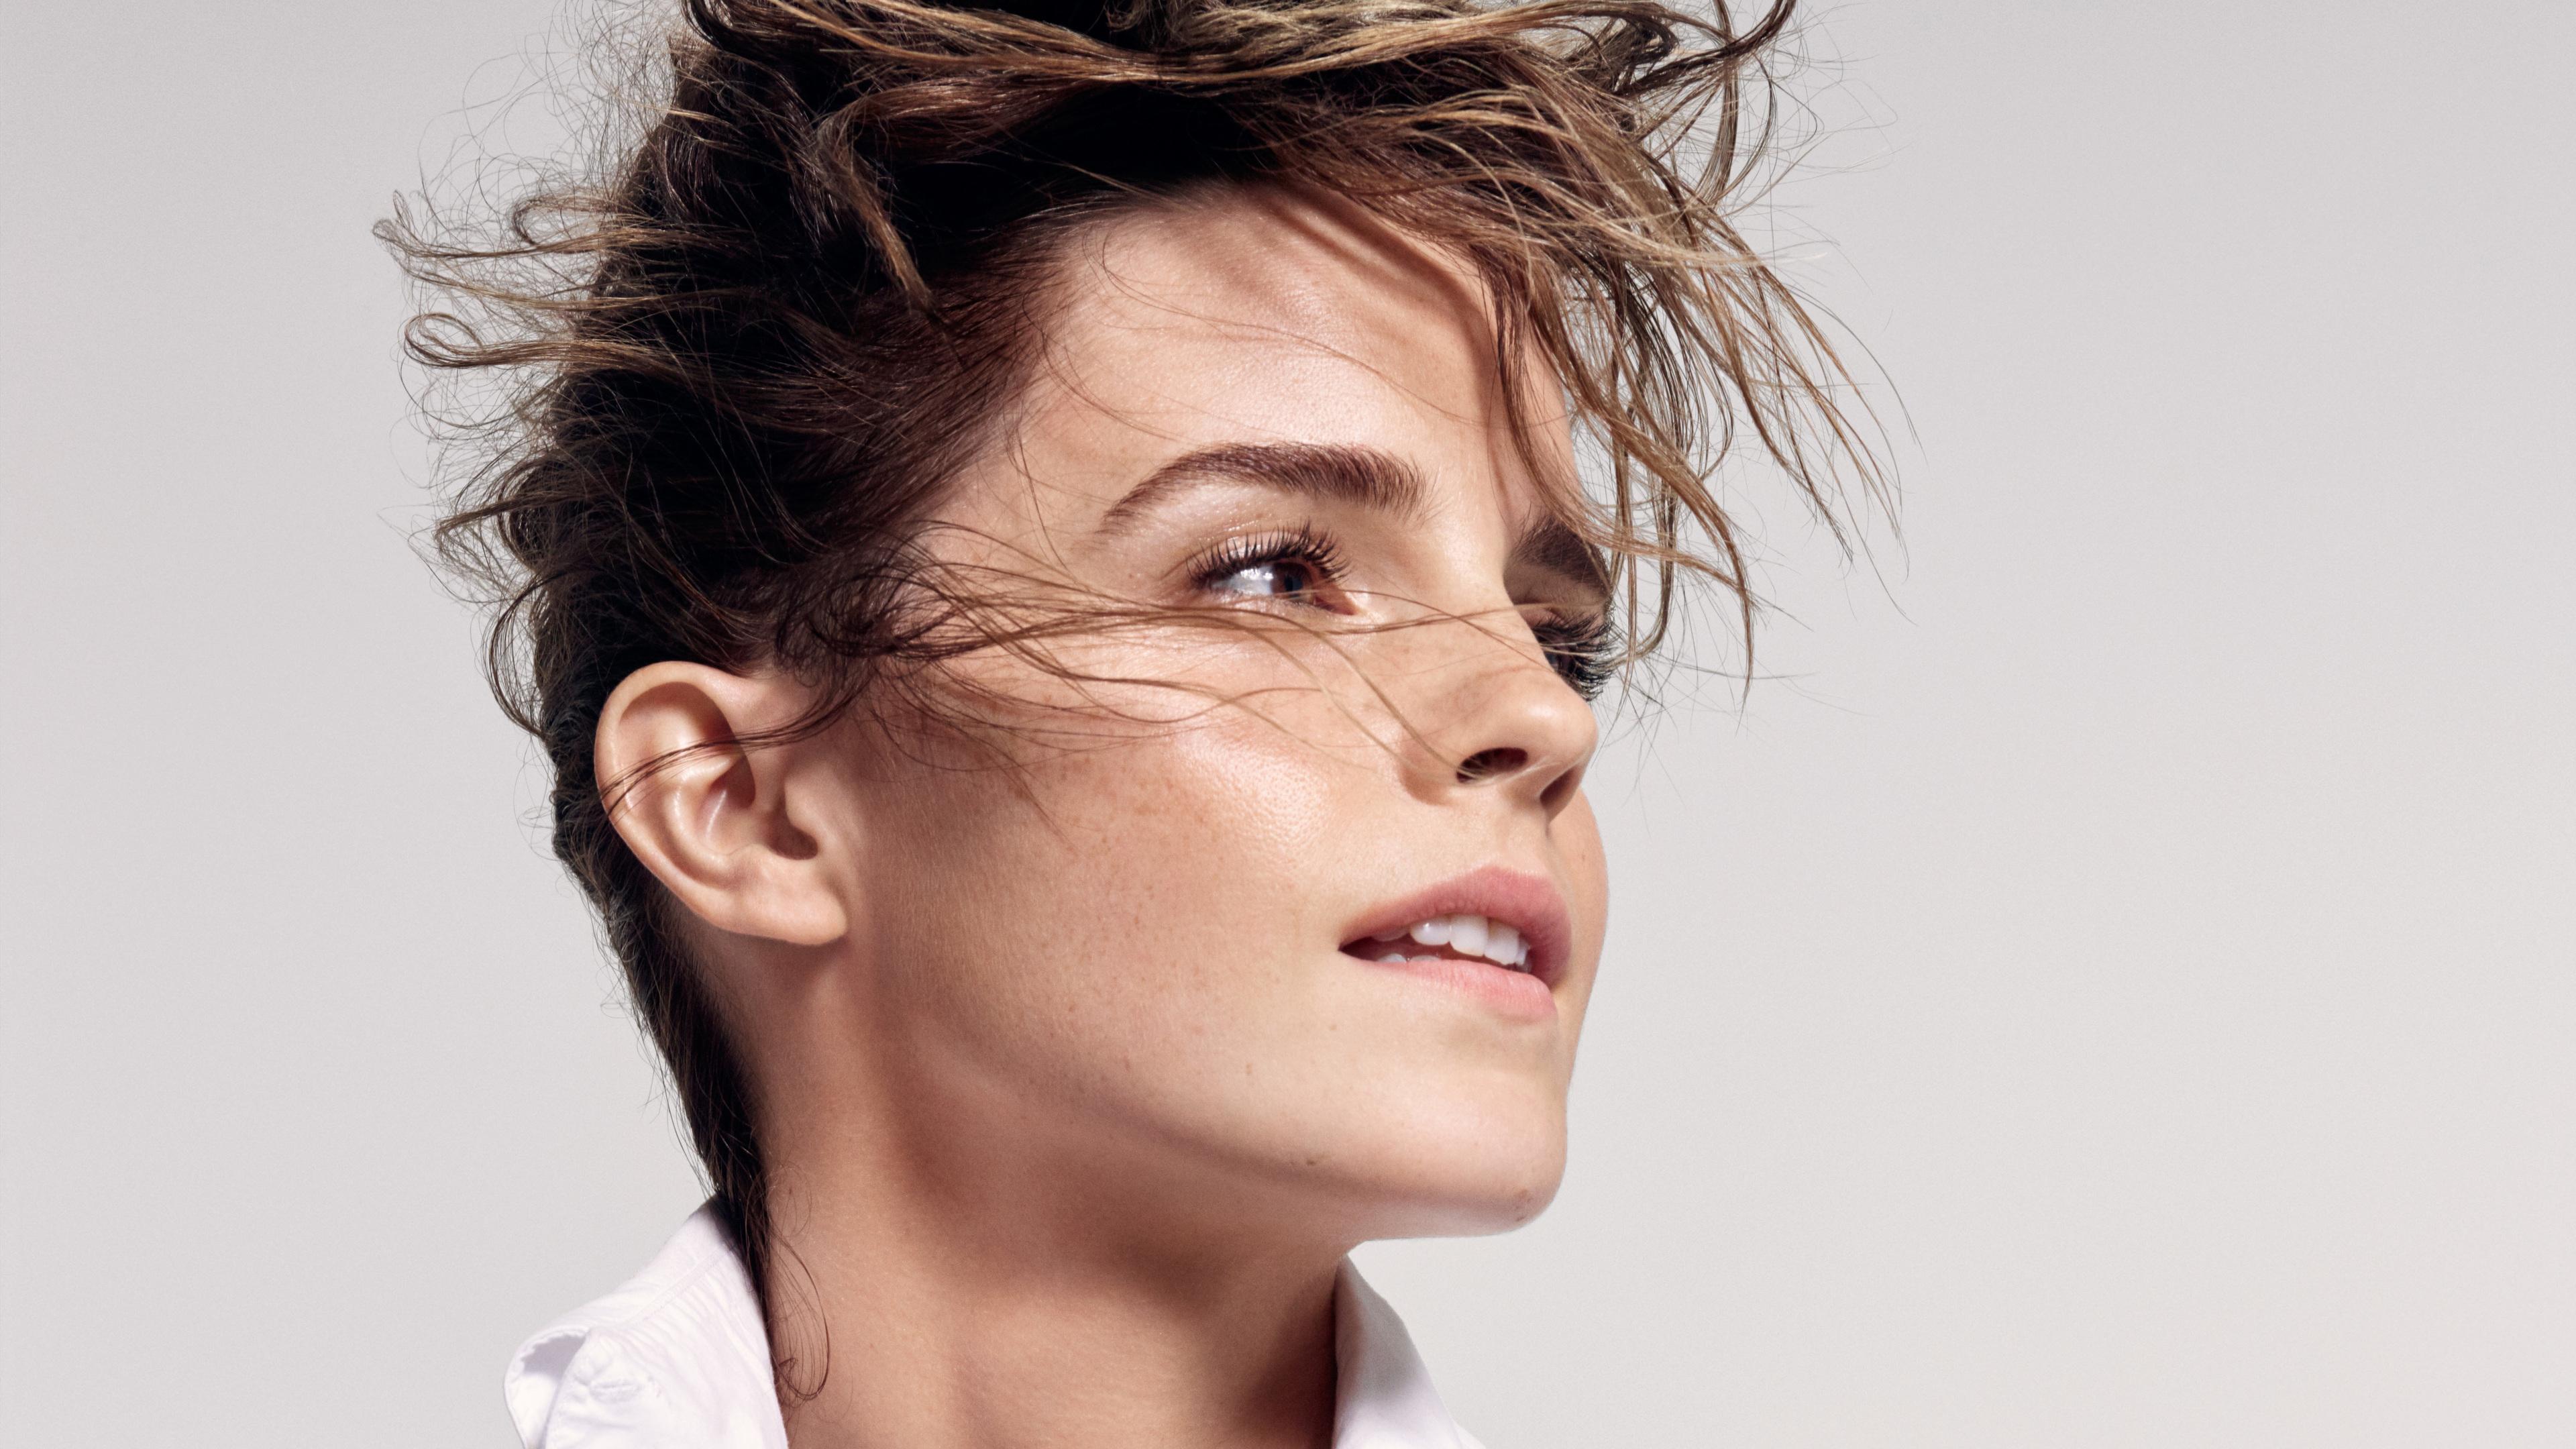 emma watson 5k 2019 1536950099 - Emma Watson 5k 2019 - hd-wallpapers, girls wallpapers, emma watson wallpapers, celebrities wallpapers, 5k wallpapers, 4k-wallpapers